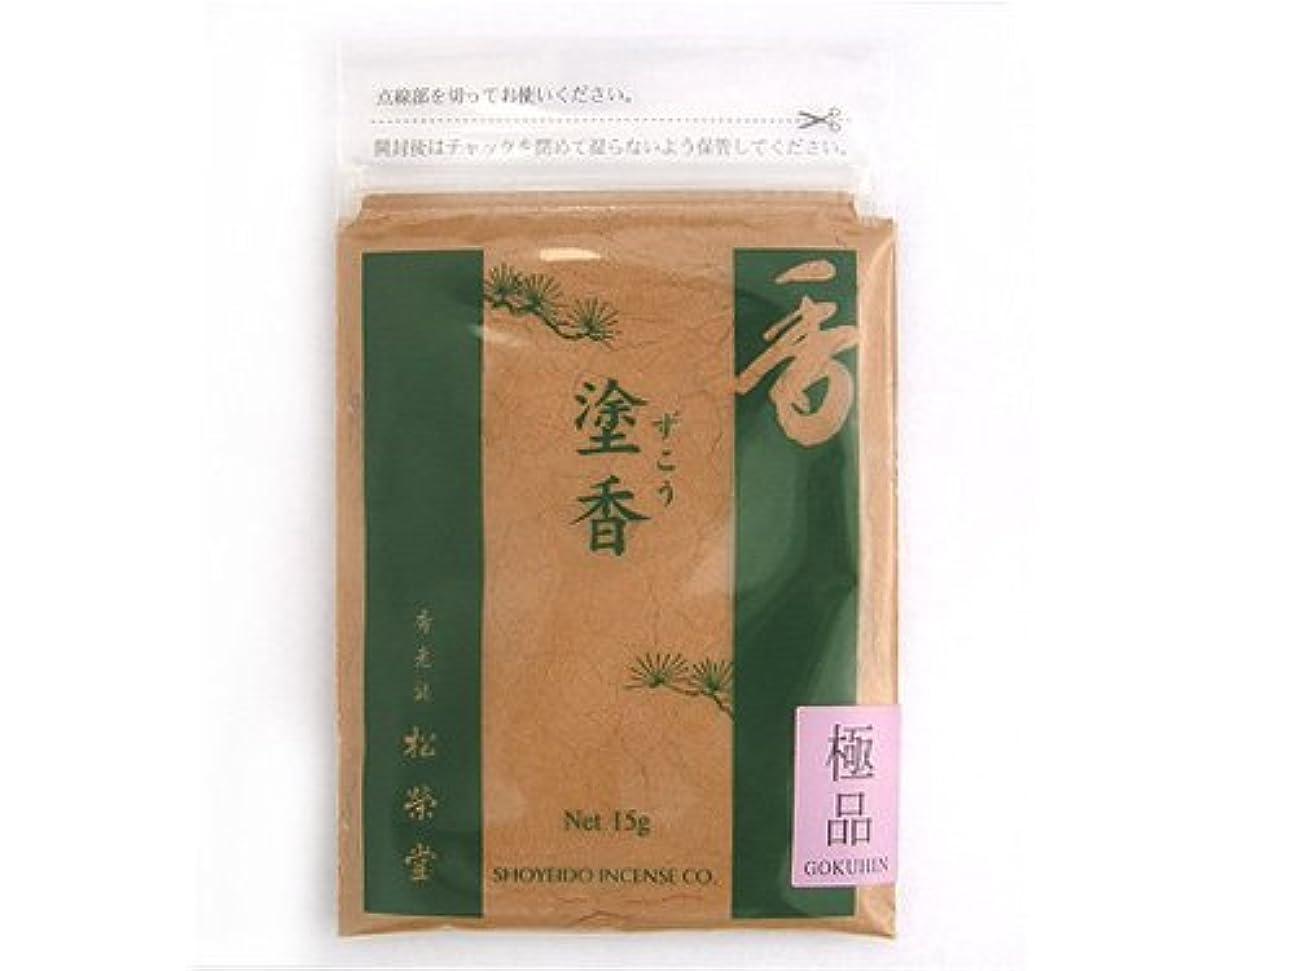 コイン層ベーカリー松栄堂のお香 極品塗香 15g